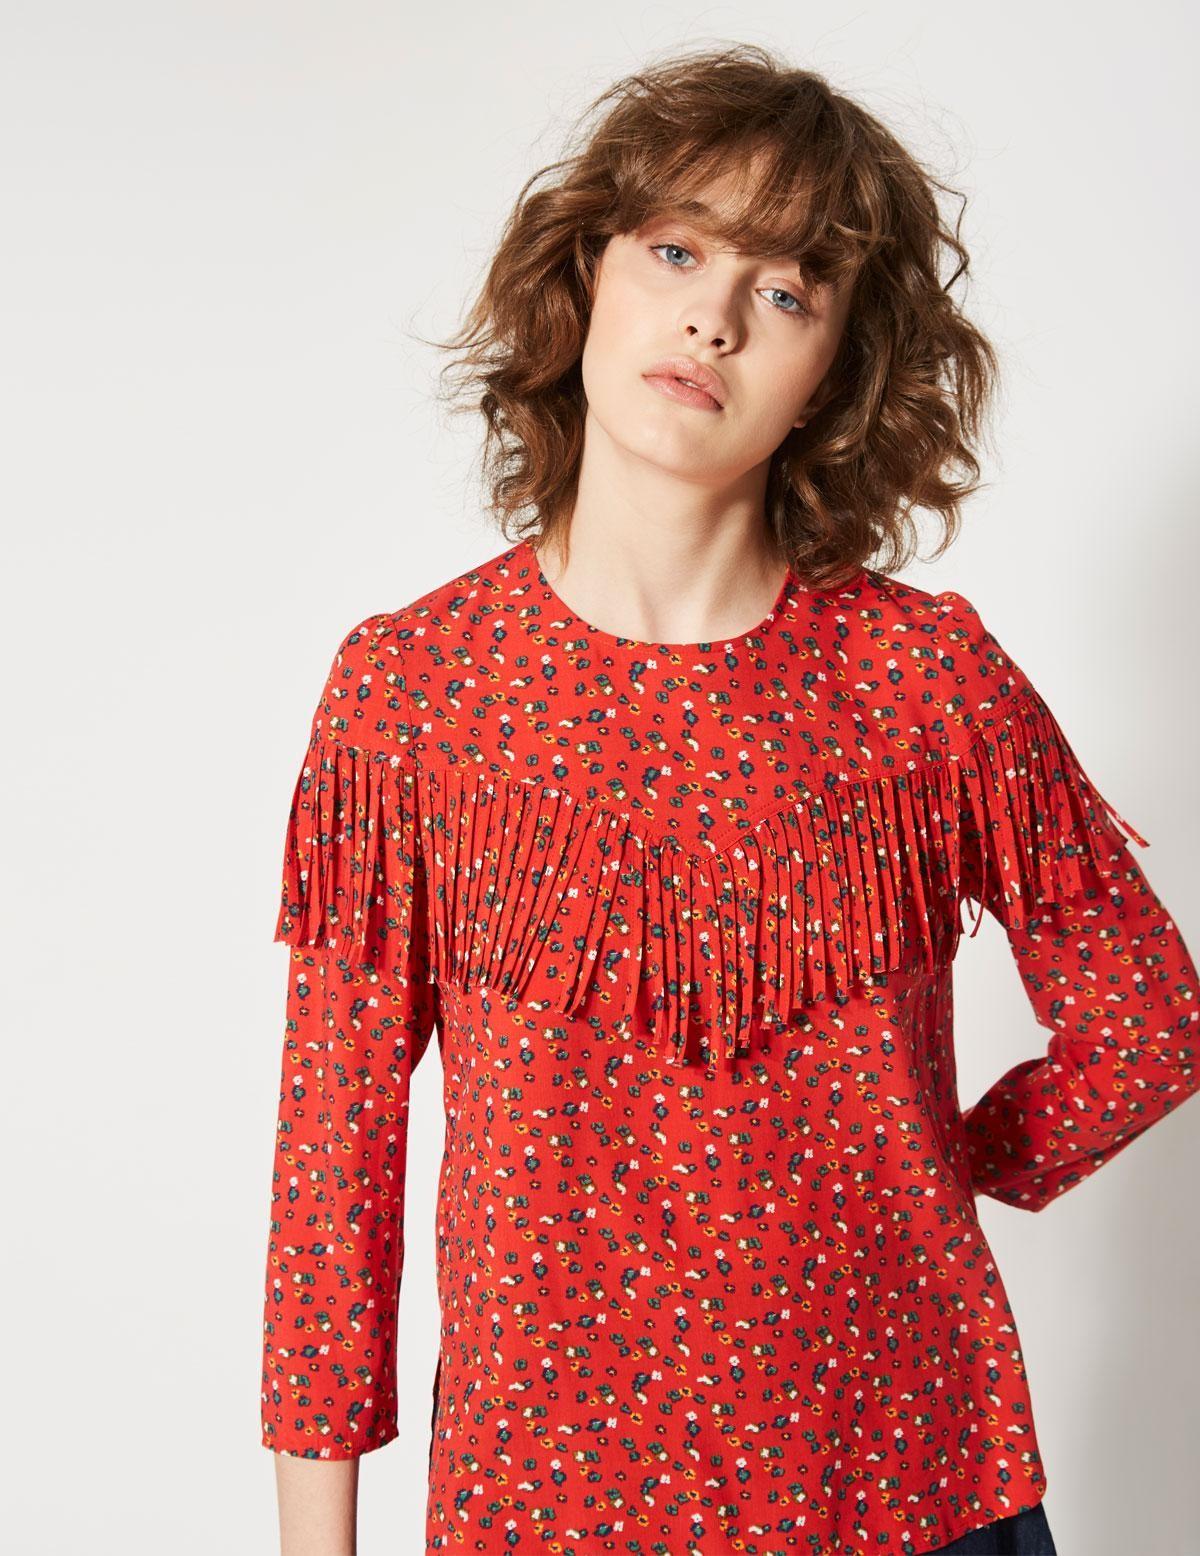 Falda cinturilla elástica floral - Ítem2